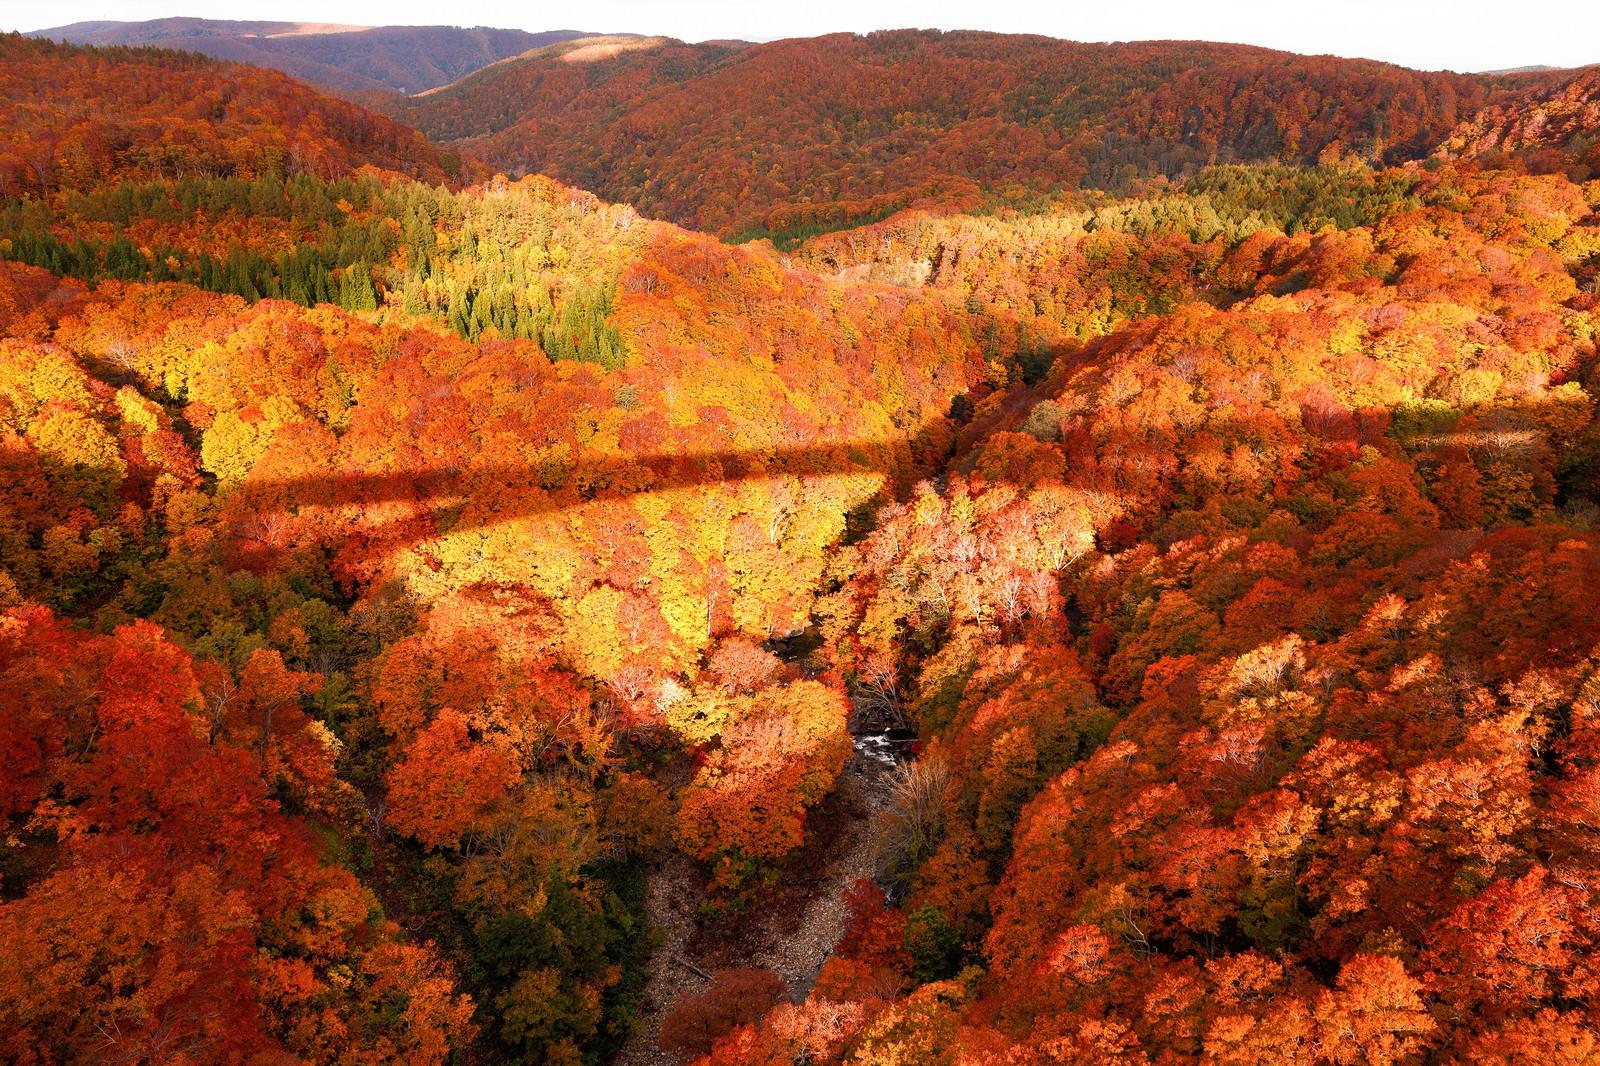 「紅葉にかかる橋の影」の写真